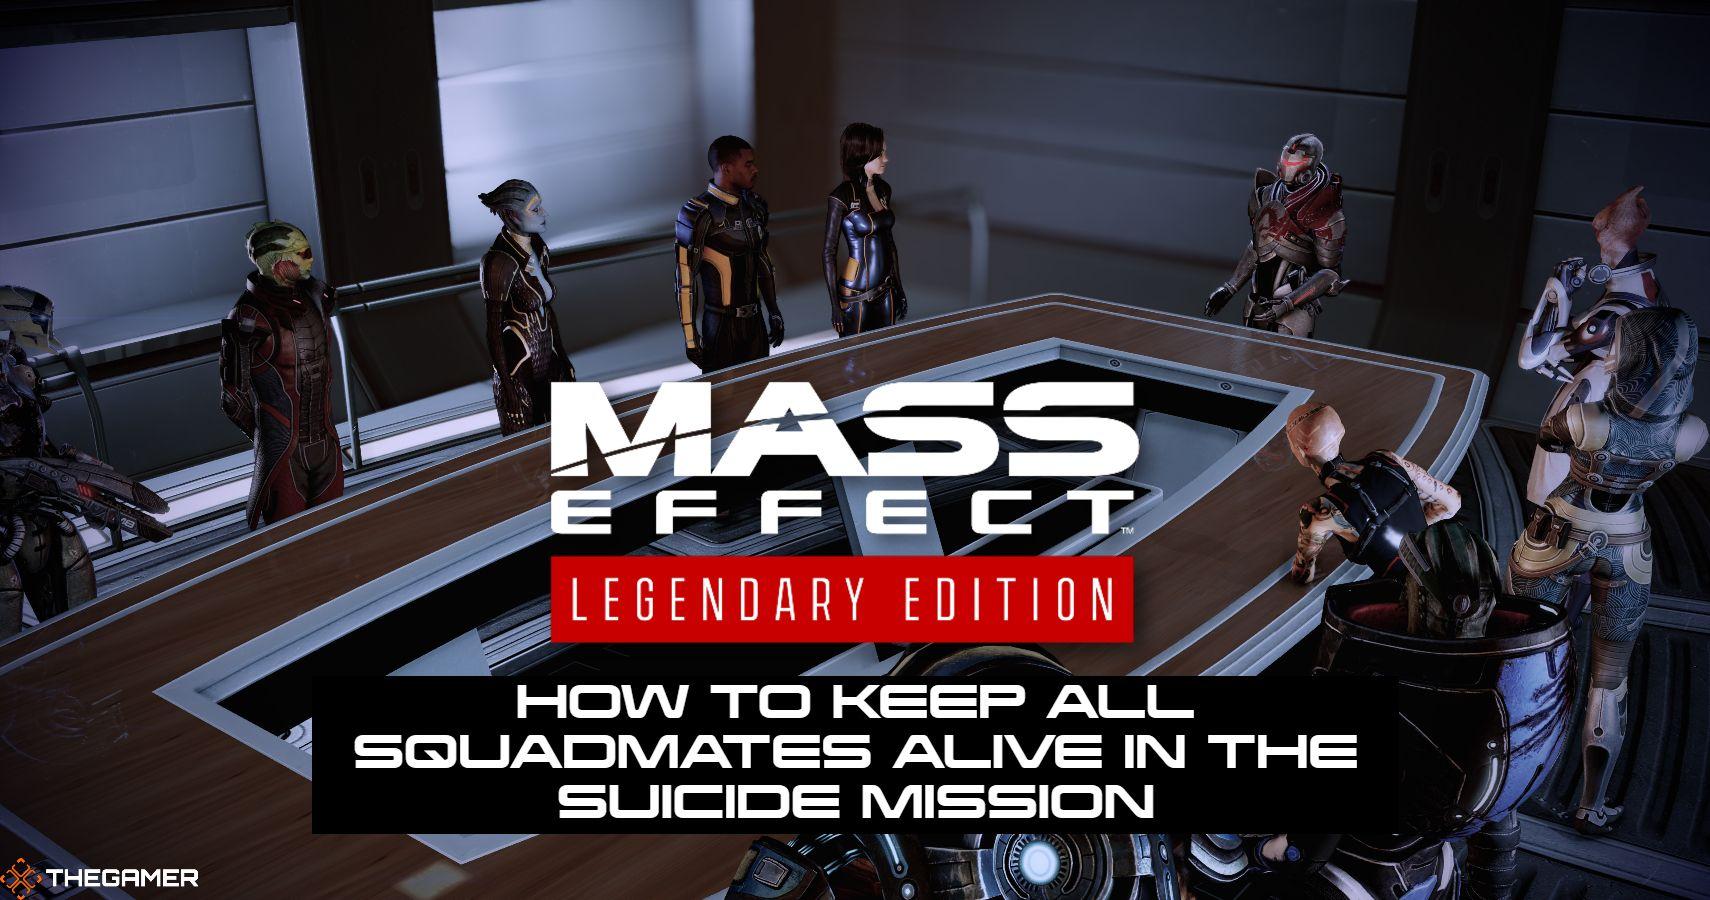 Mass Effect 2 LE: Cómo mantener vivos a todos los compañeros de escuadrón en la misión suicida